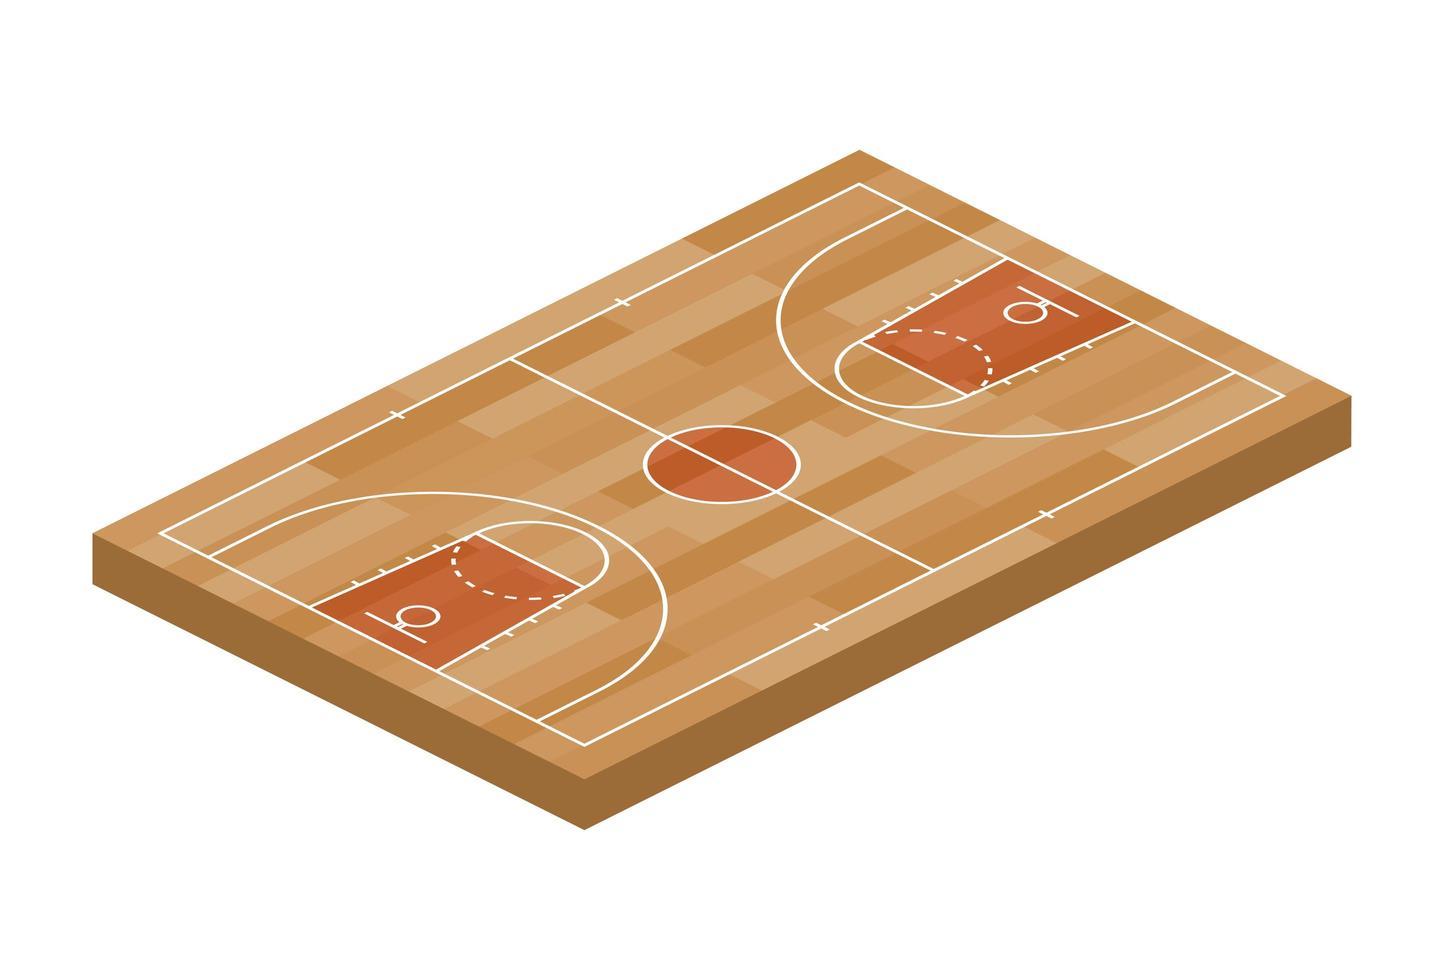 vista isométrica do esporte de campo de basquete para web, app. ilustração em vetor de campo laranja com aro, isolado no fundo branco. vista superior de uma quadra para o campo de design de jogos